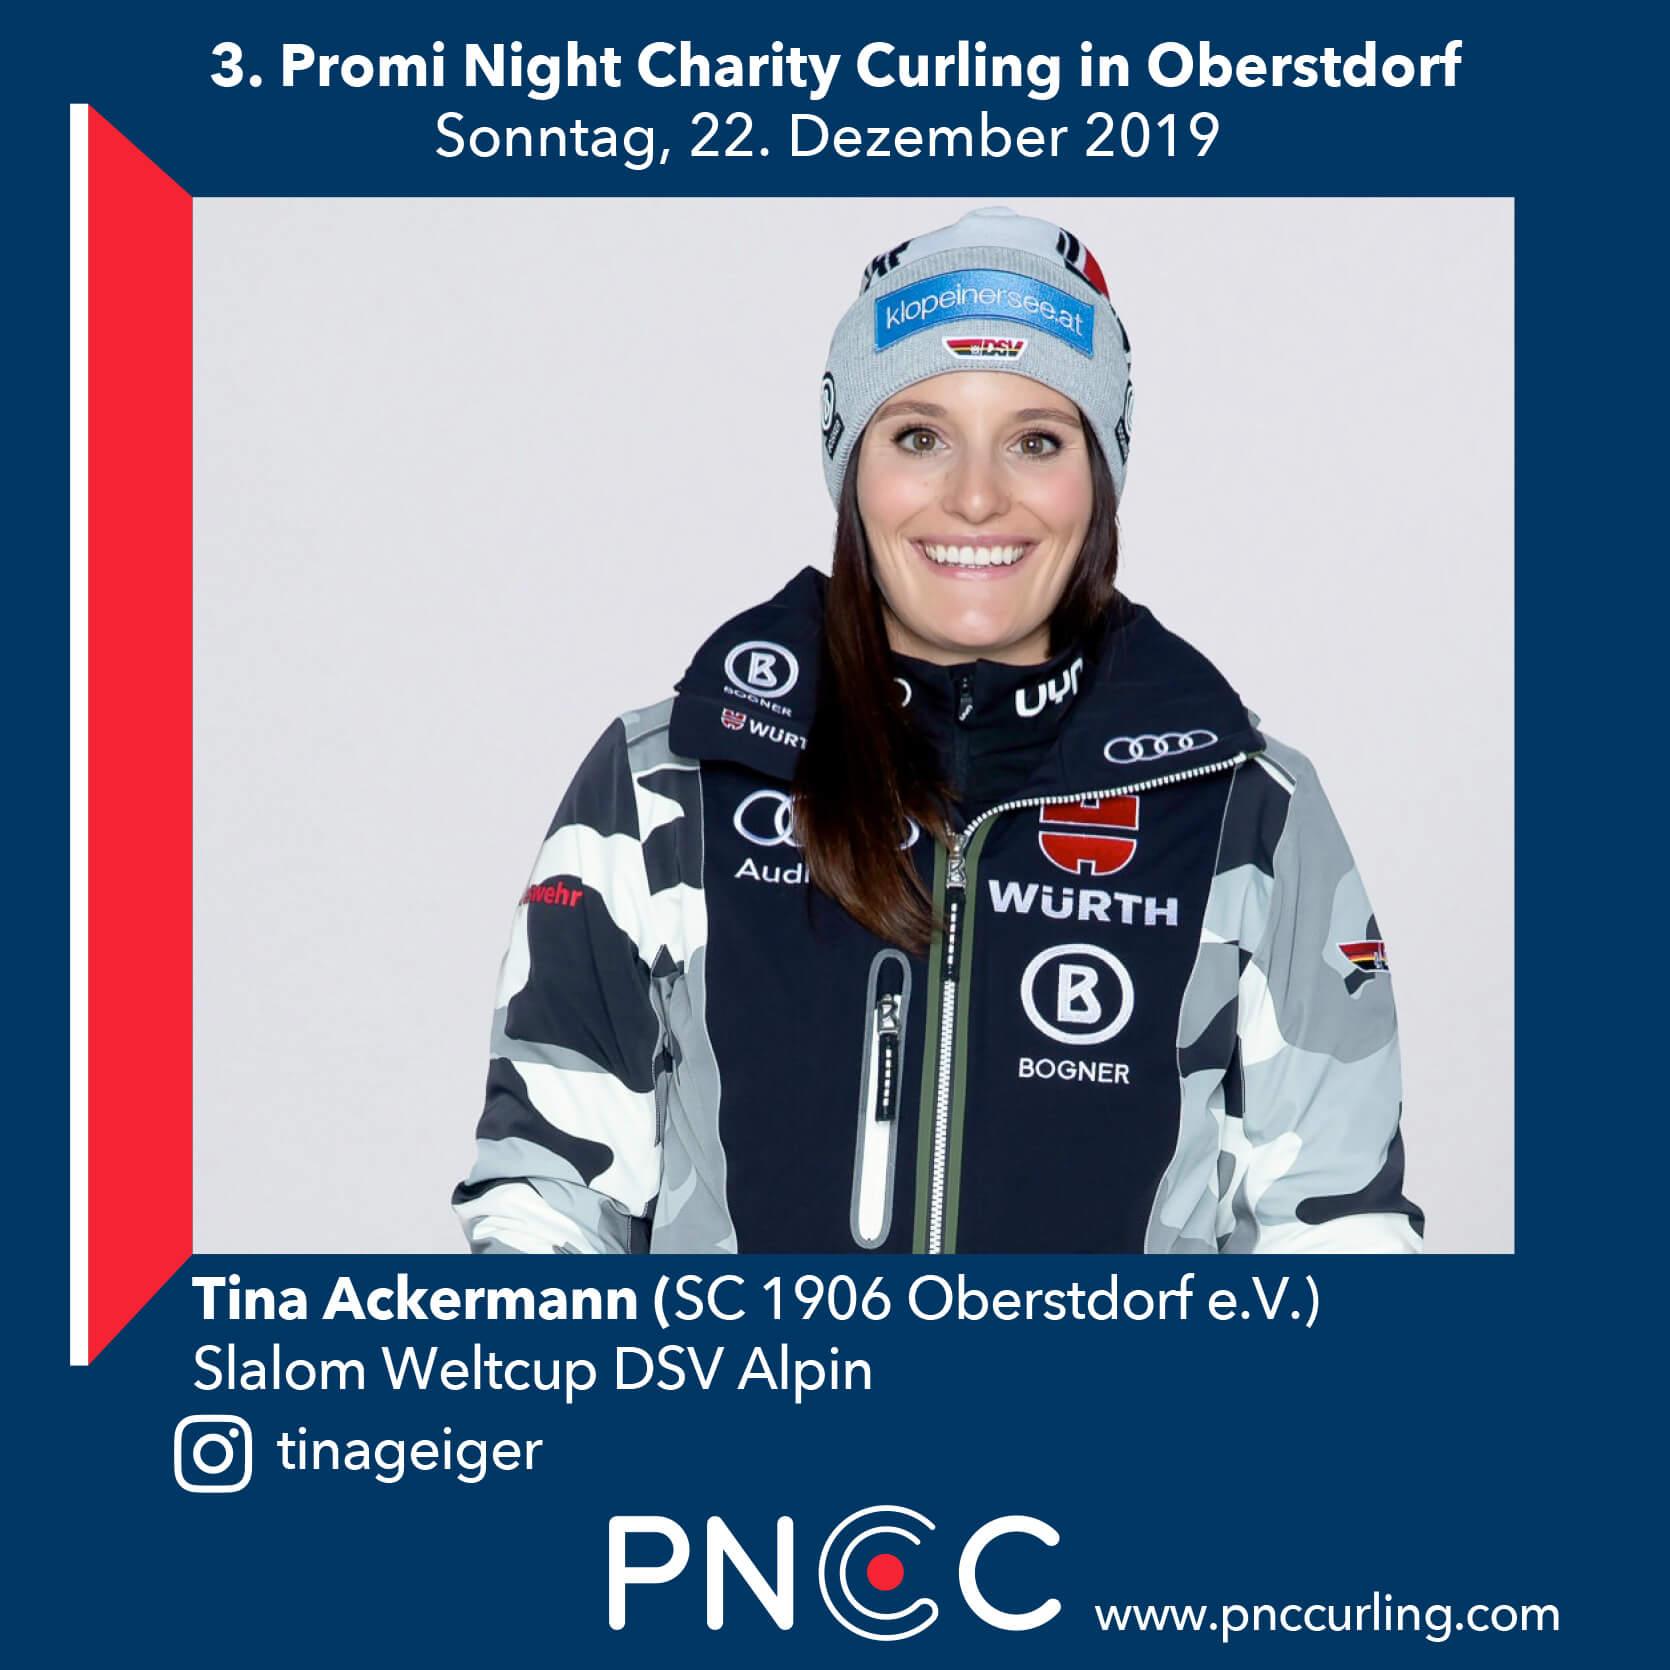 Tina Ackermann